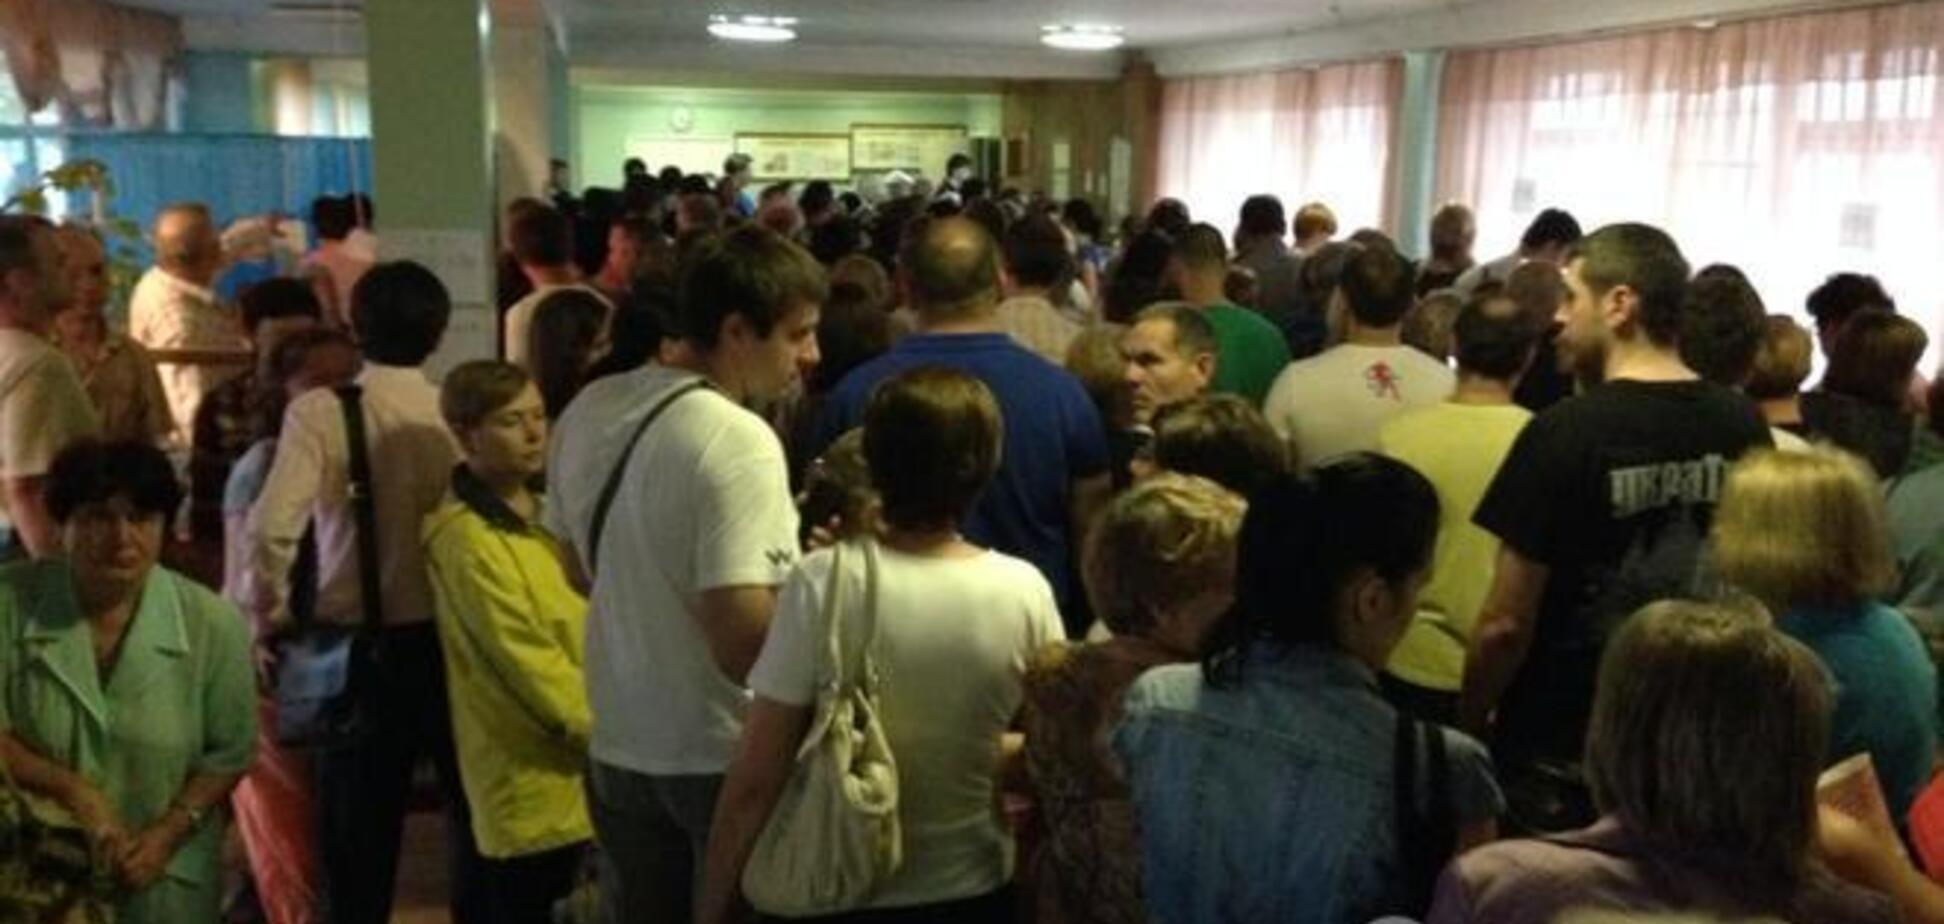 Аншлаг на избирательном участке в Киеве: голосование закончилось после 22:00